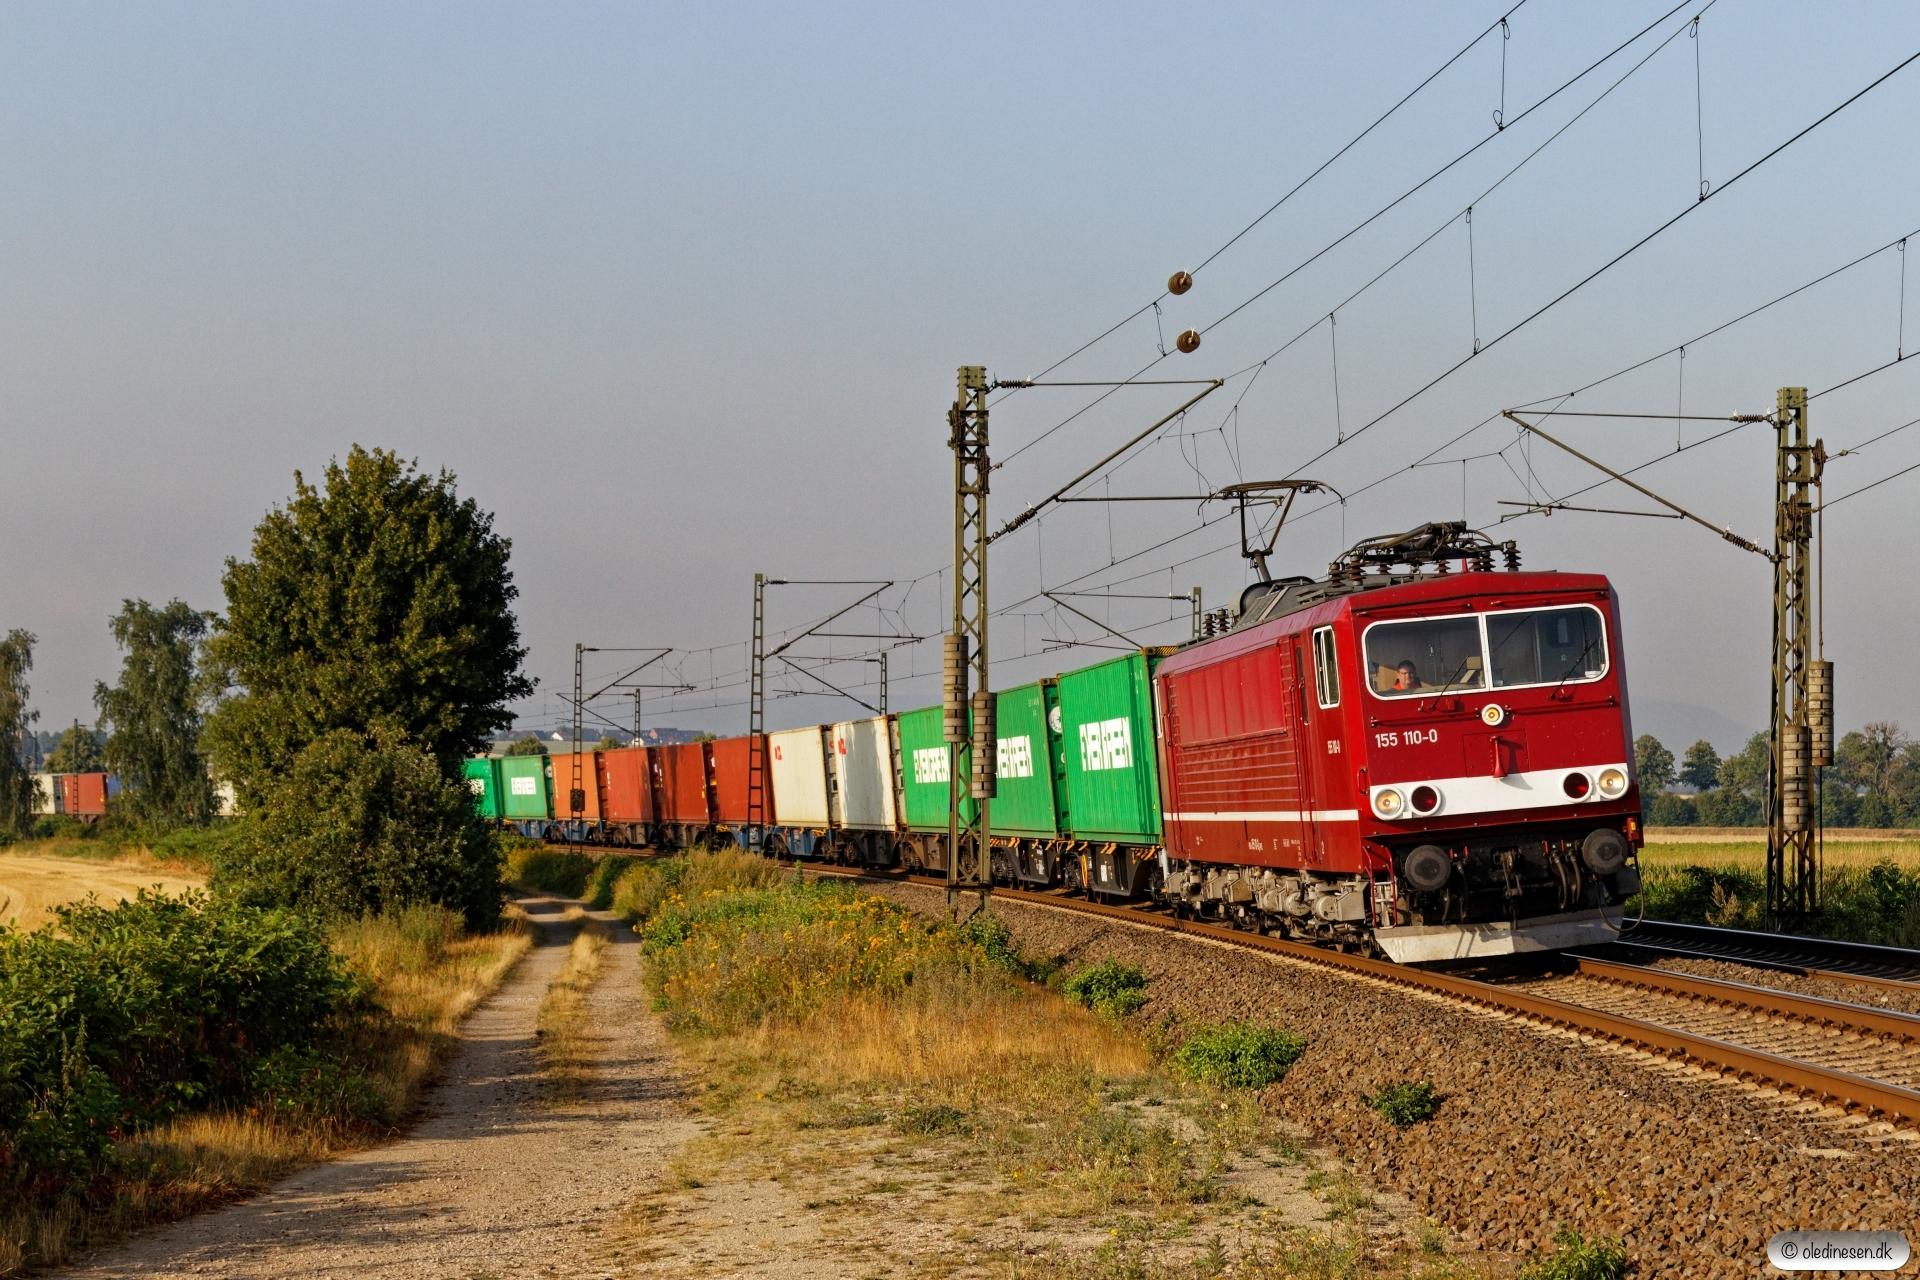 WFL 155 110-0. Elze - Nordstemmen 14.08.2019.